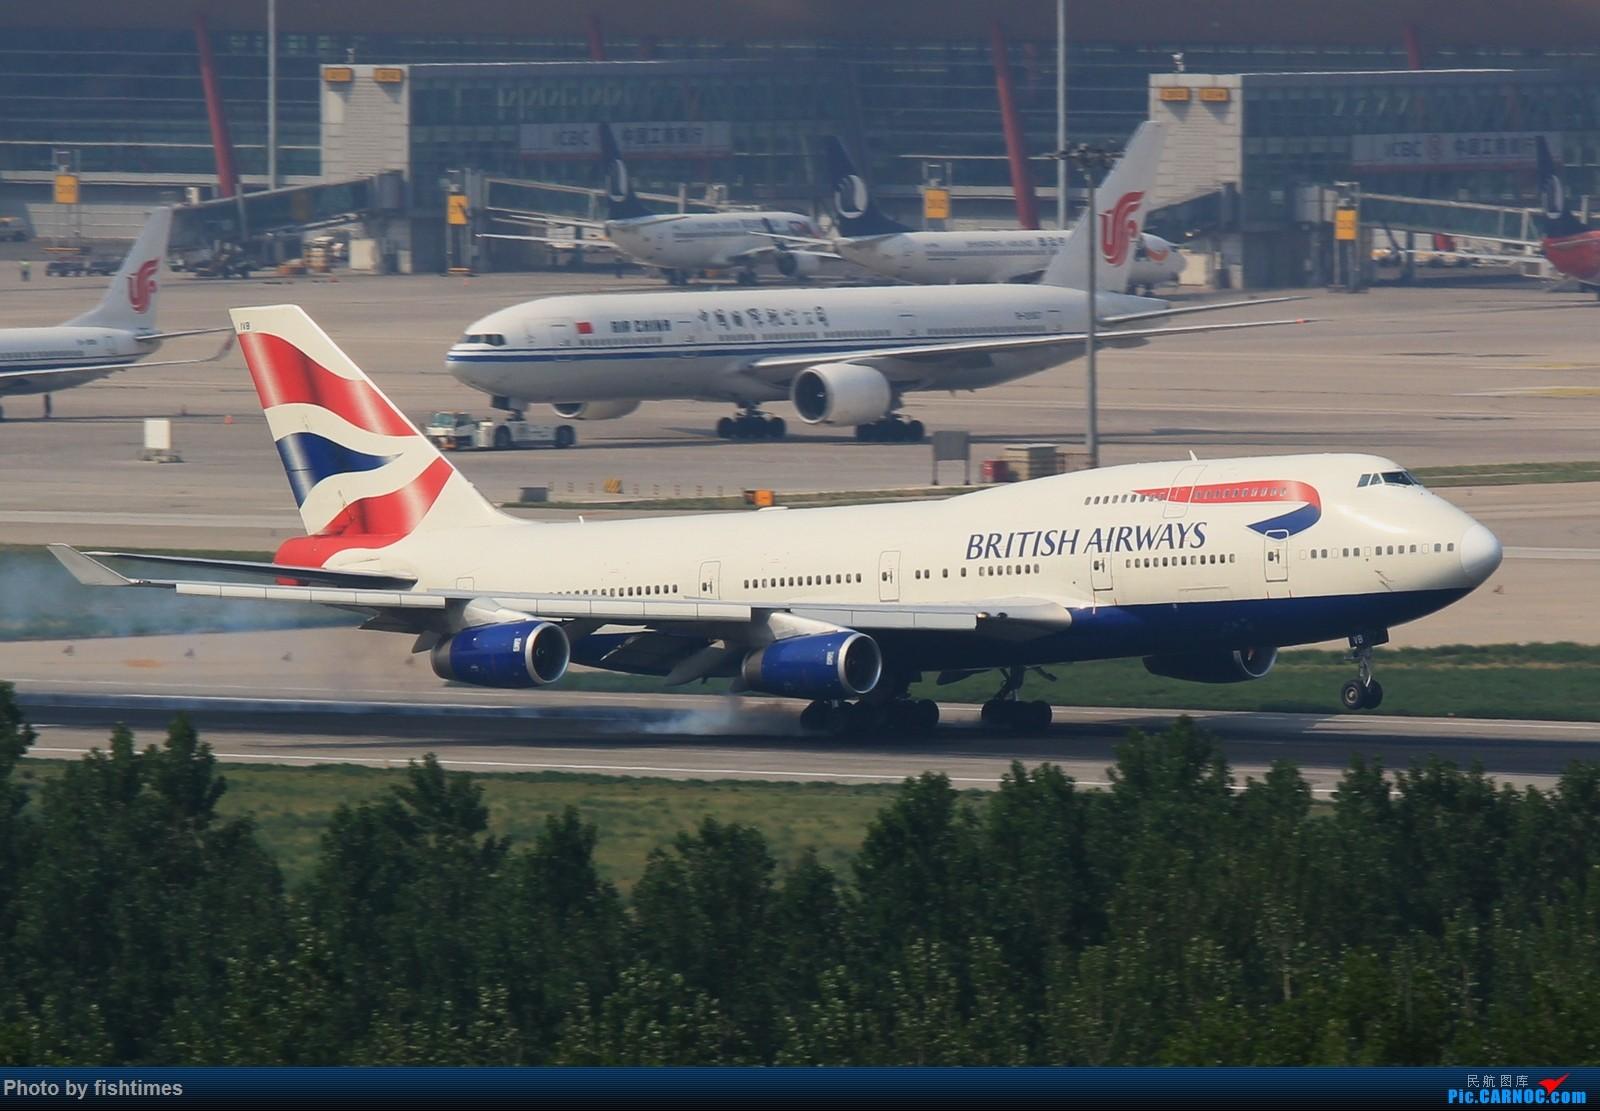 [原创]【PEK】【***庆祝五一国际劳动节***】20150502_RWY01一组 BOEING 747-400 G-CIVB 中国北京首都国际机场